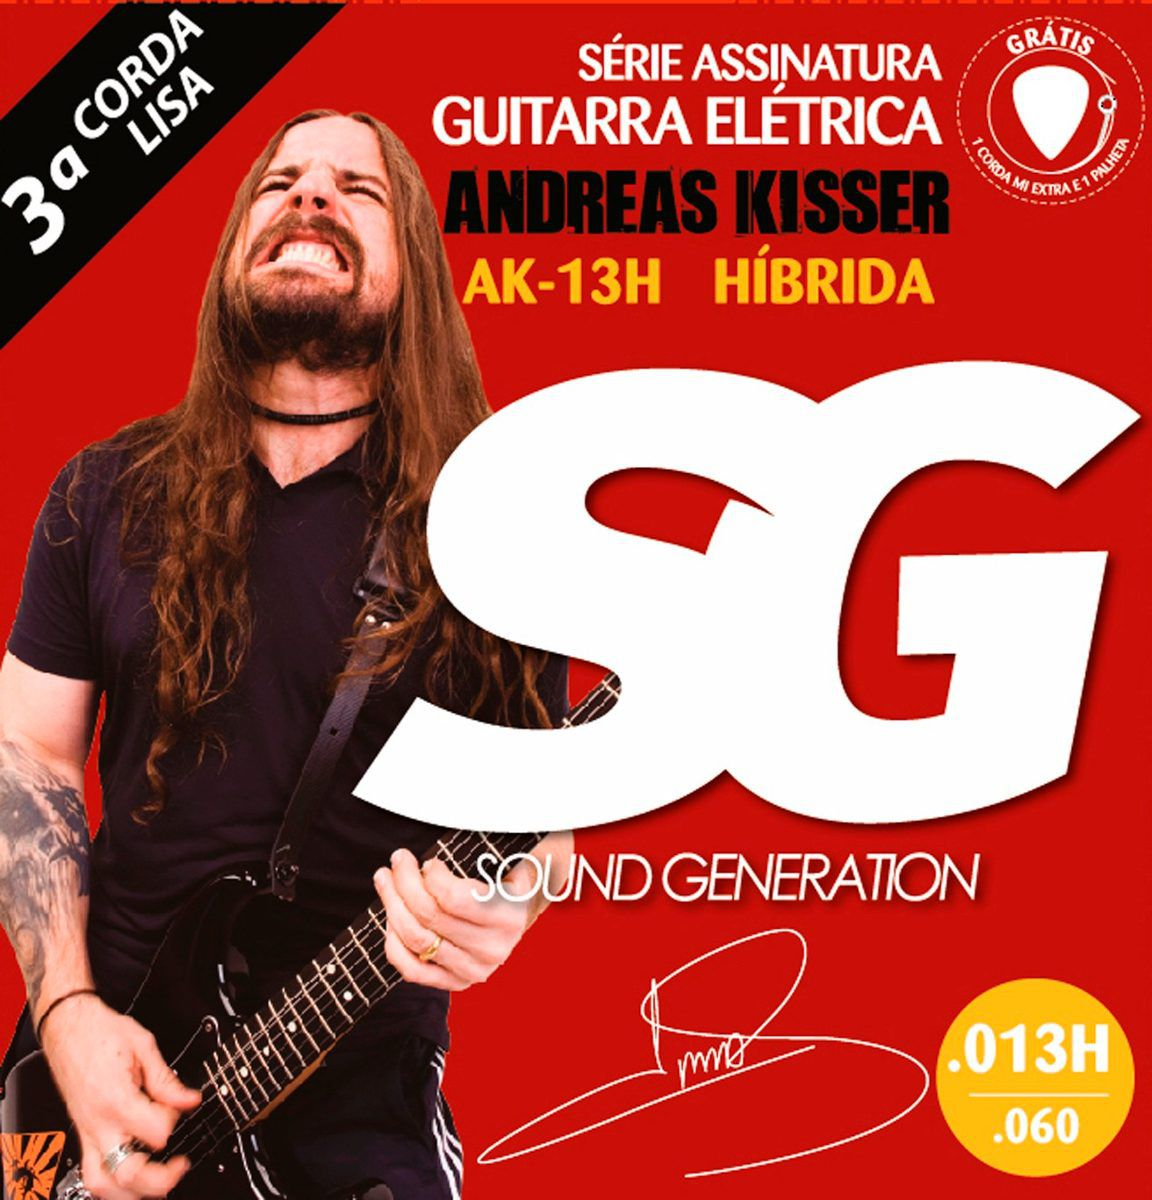 ENCORDOAMENTO. ANDREAS KISSER AK13H P/GUITARRA HIBRIDO - SG